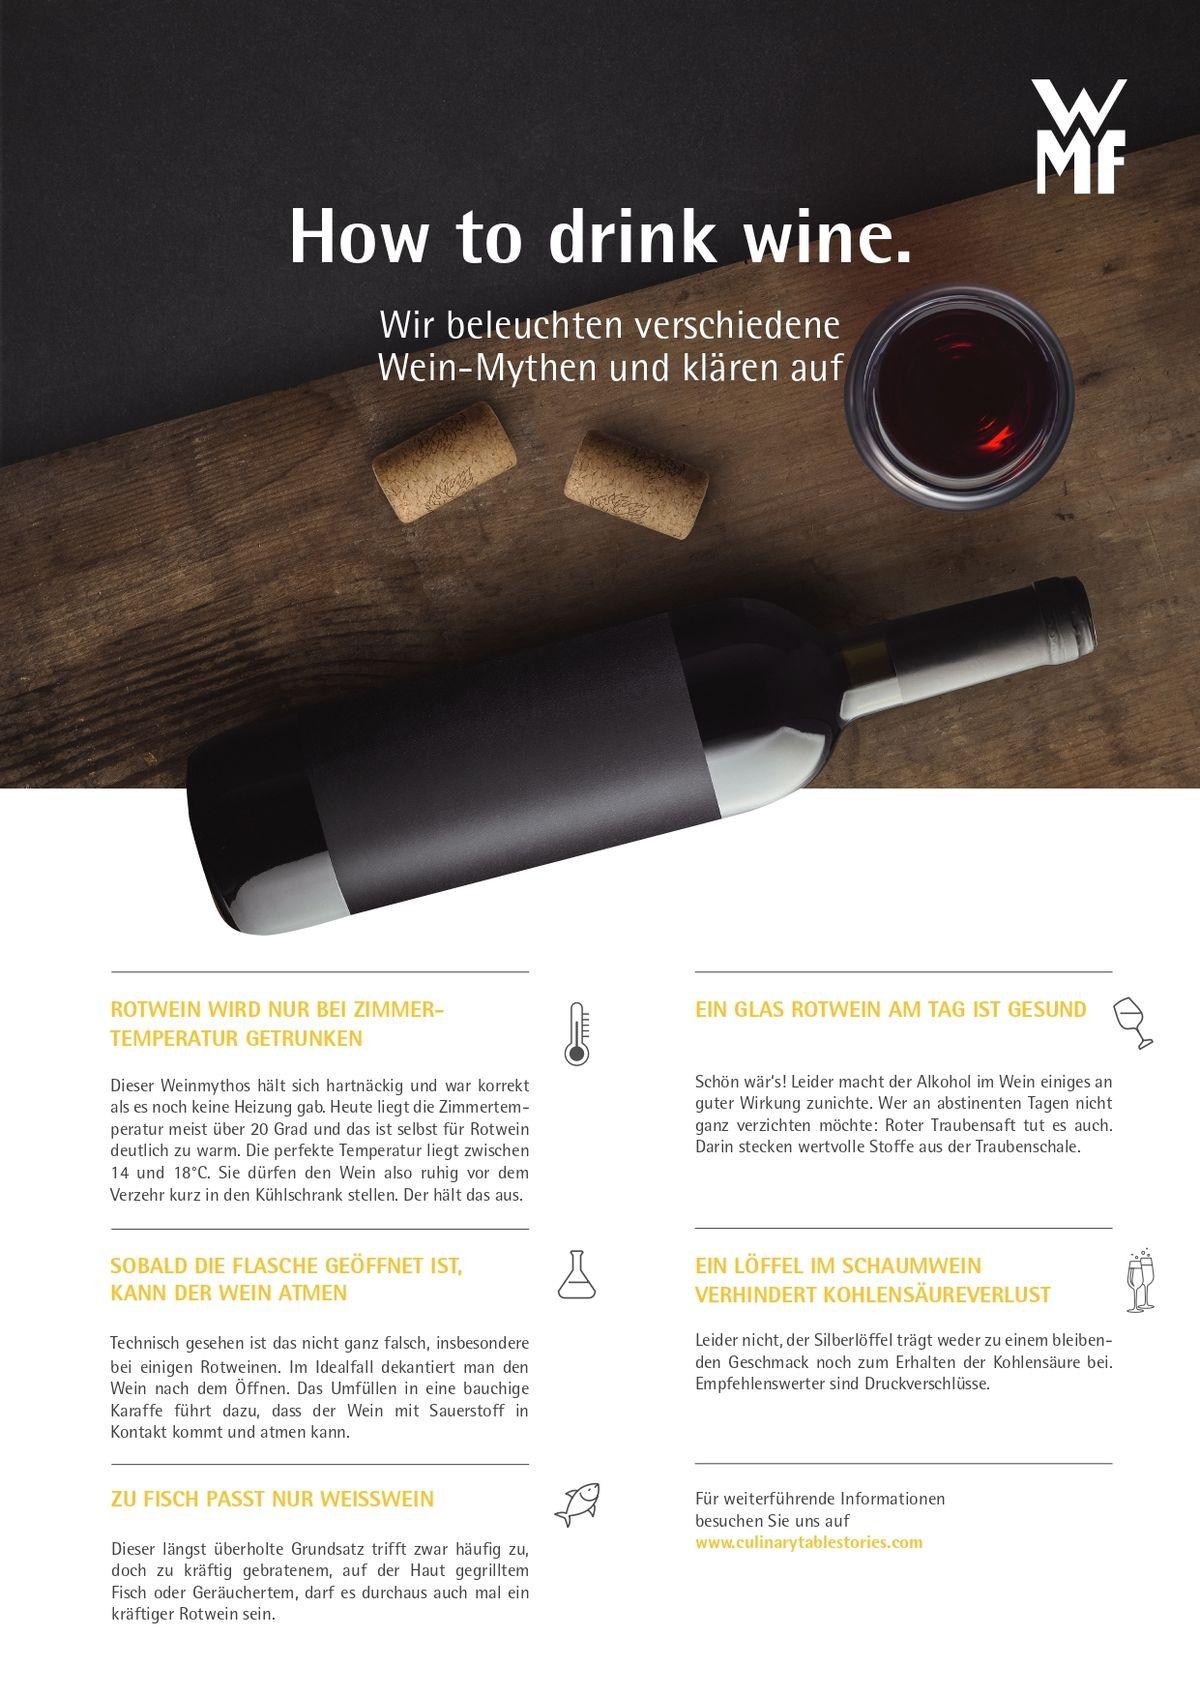 Wmf Weinmythen Wir Beleuchten Verschiedene Wein Mythen Und Klären Auf